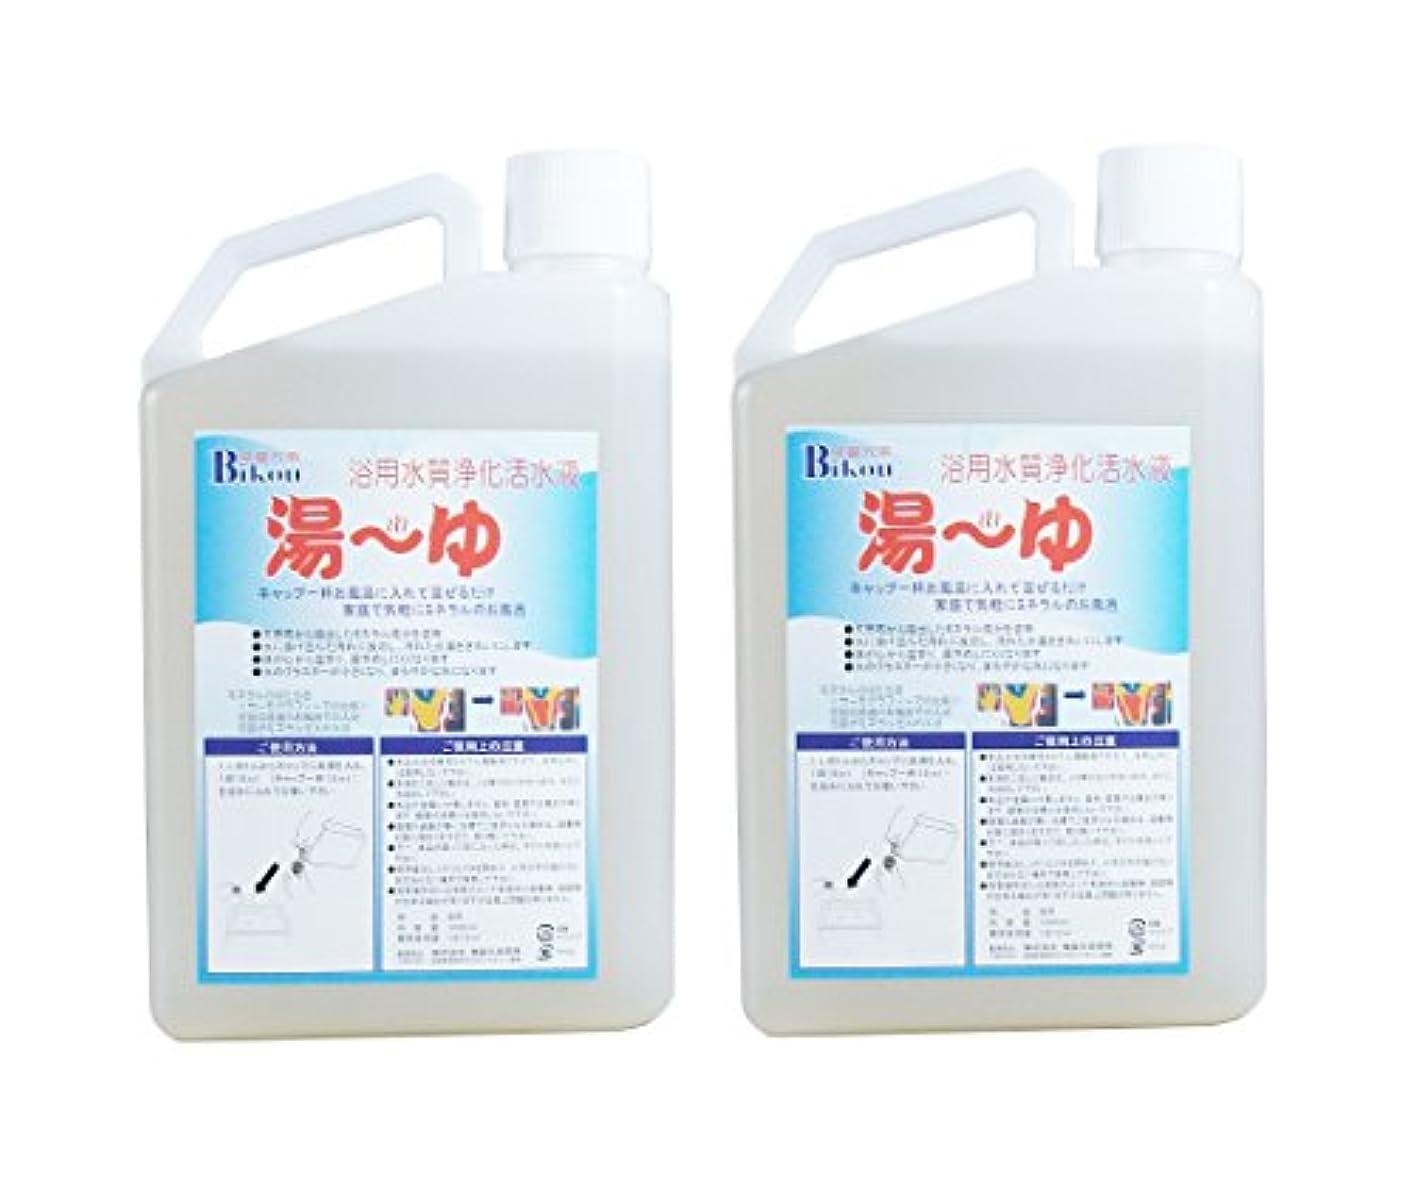 期限なるポスト印象派Bikou 浴用水質浄化活水液 湯ーゆ 2本組(1000ml×2) 24時間風呂用入浴剤